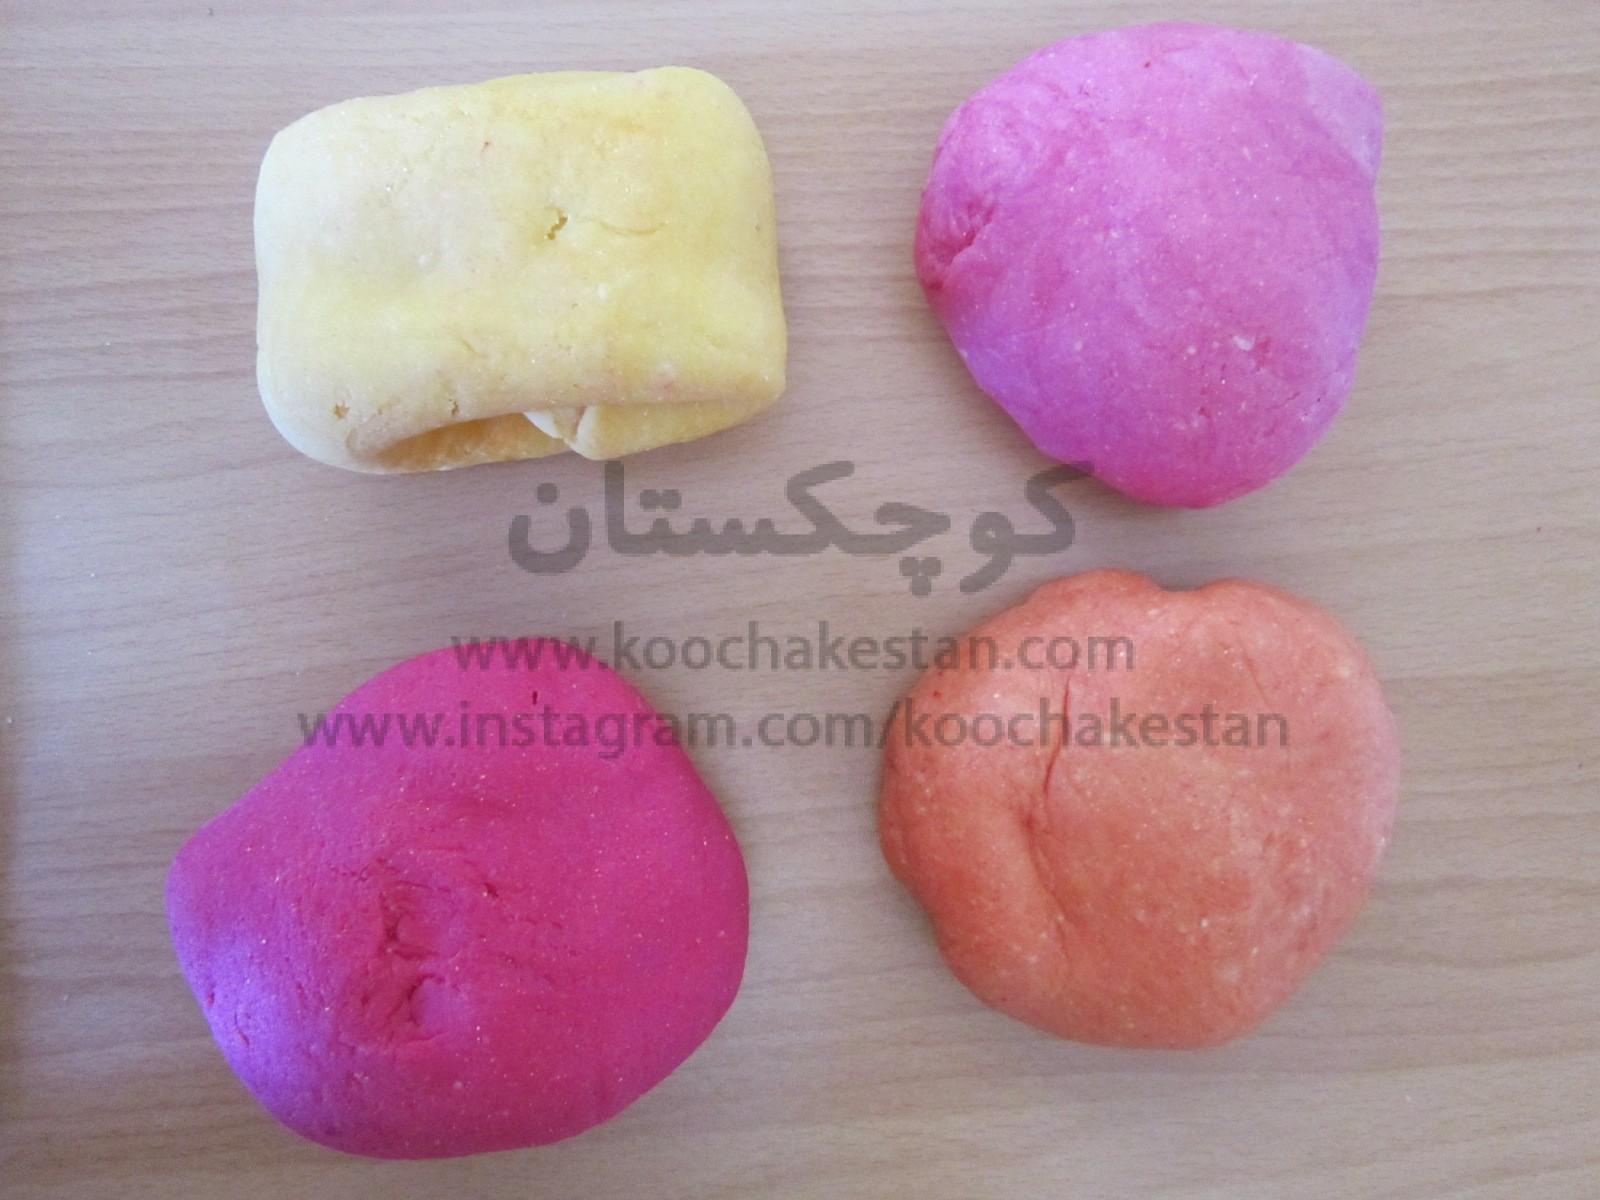 طرز تهیه ی خمیر بازی خانگی برای کودکان - خمیر نهایی تهیه شده